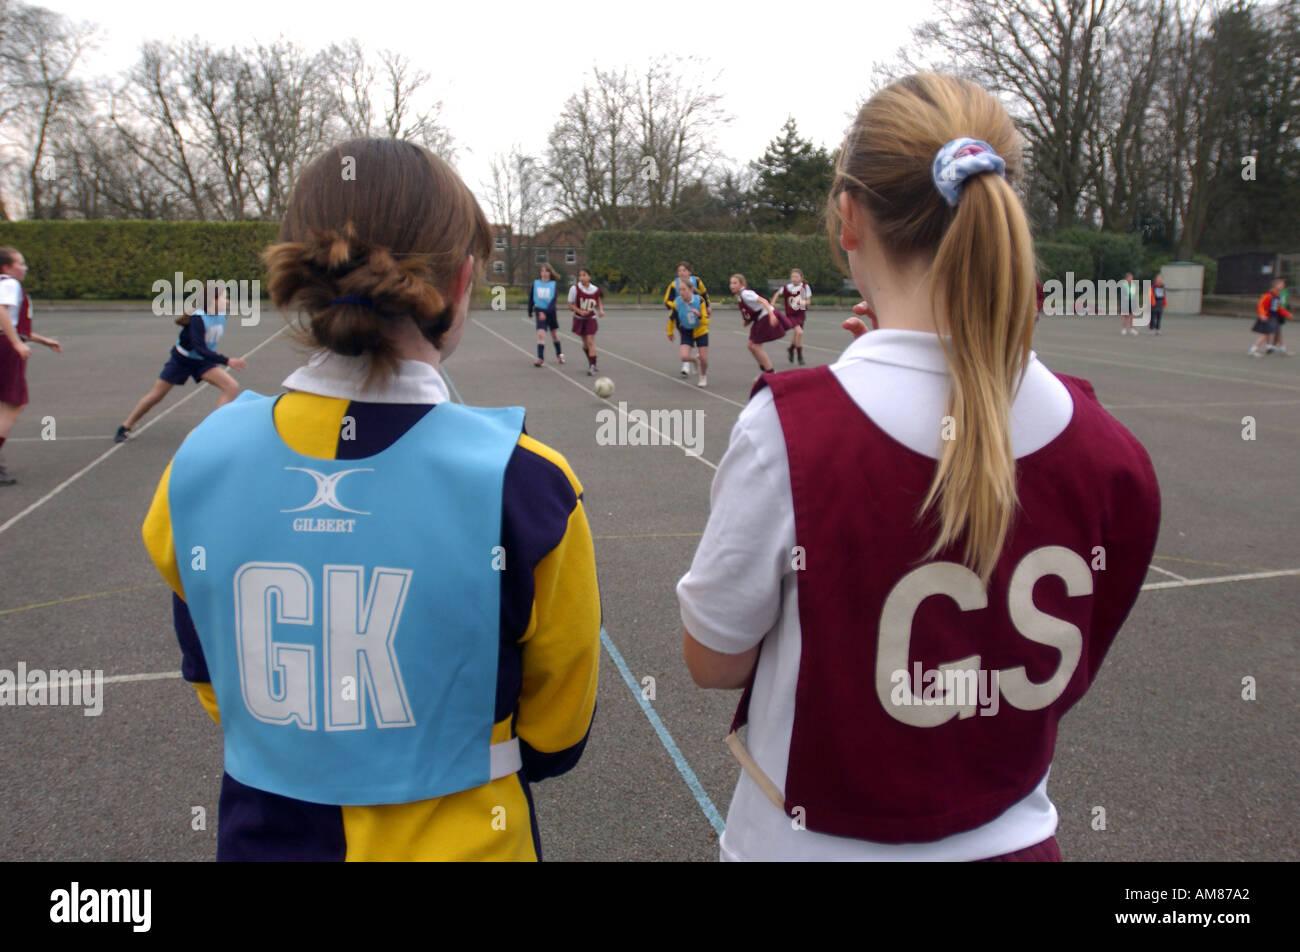 Las niñas jugando baloncesto en una escuela primaria en Inglaterra Imagen De Stock